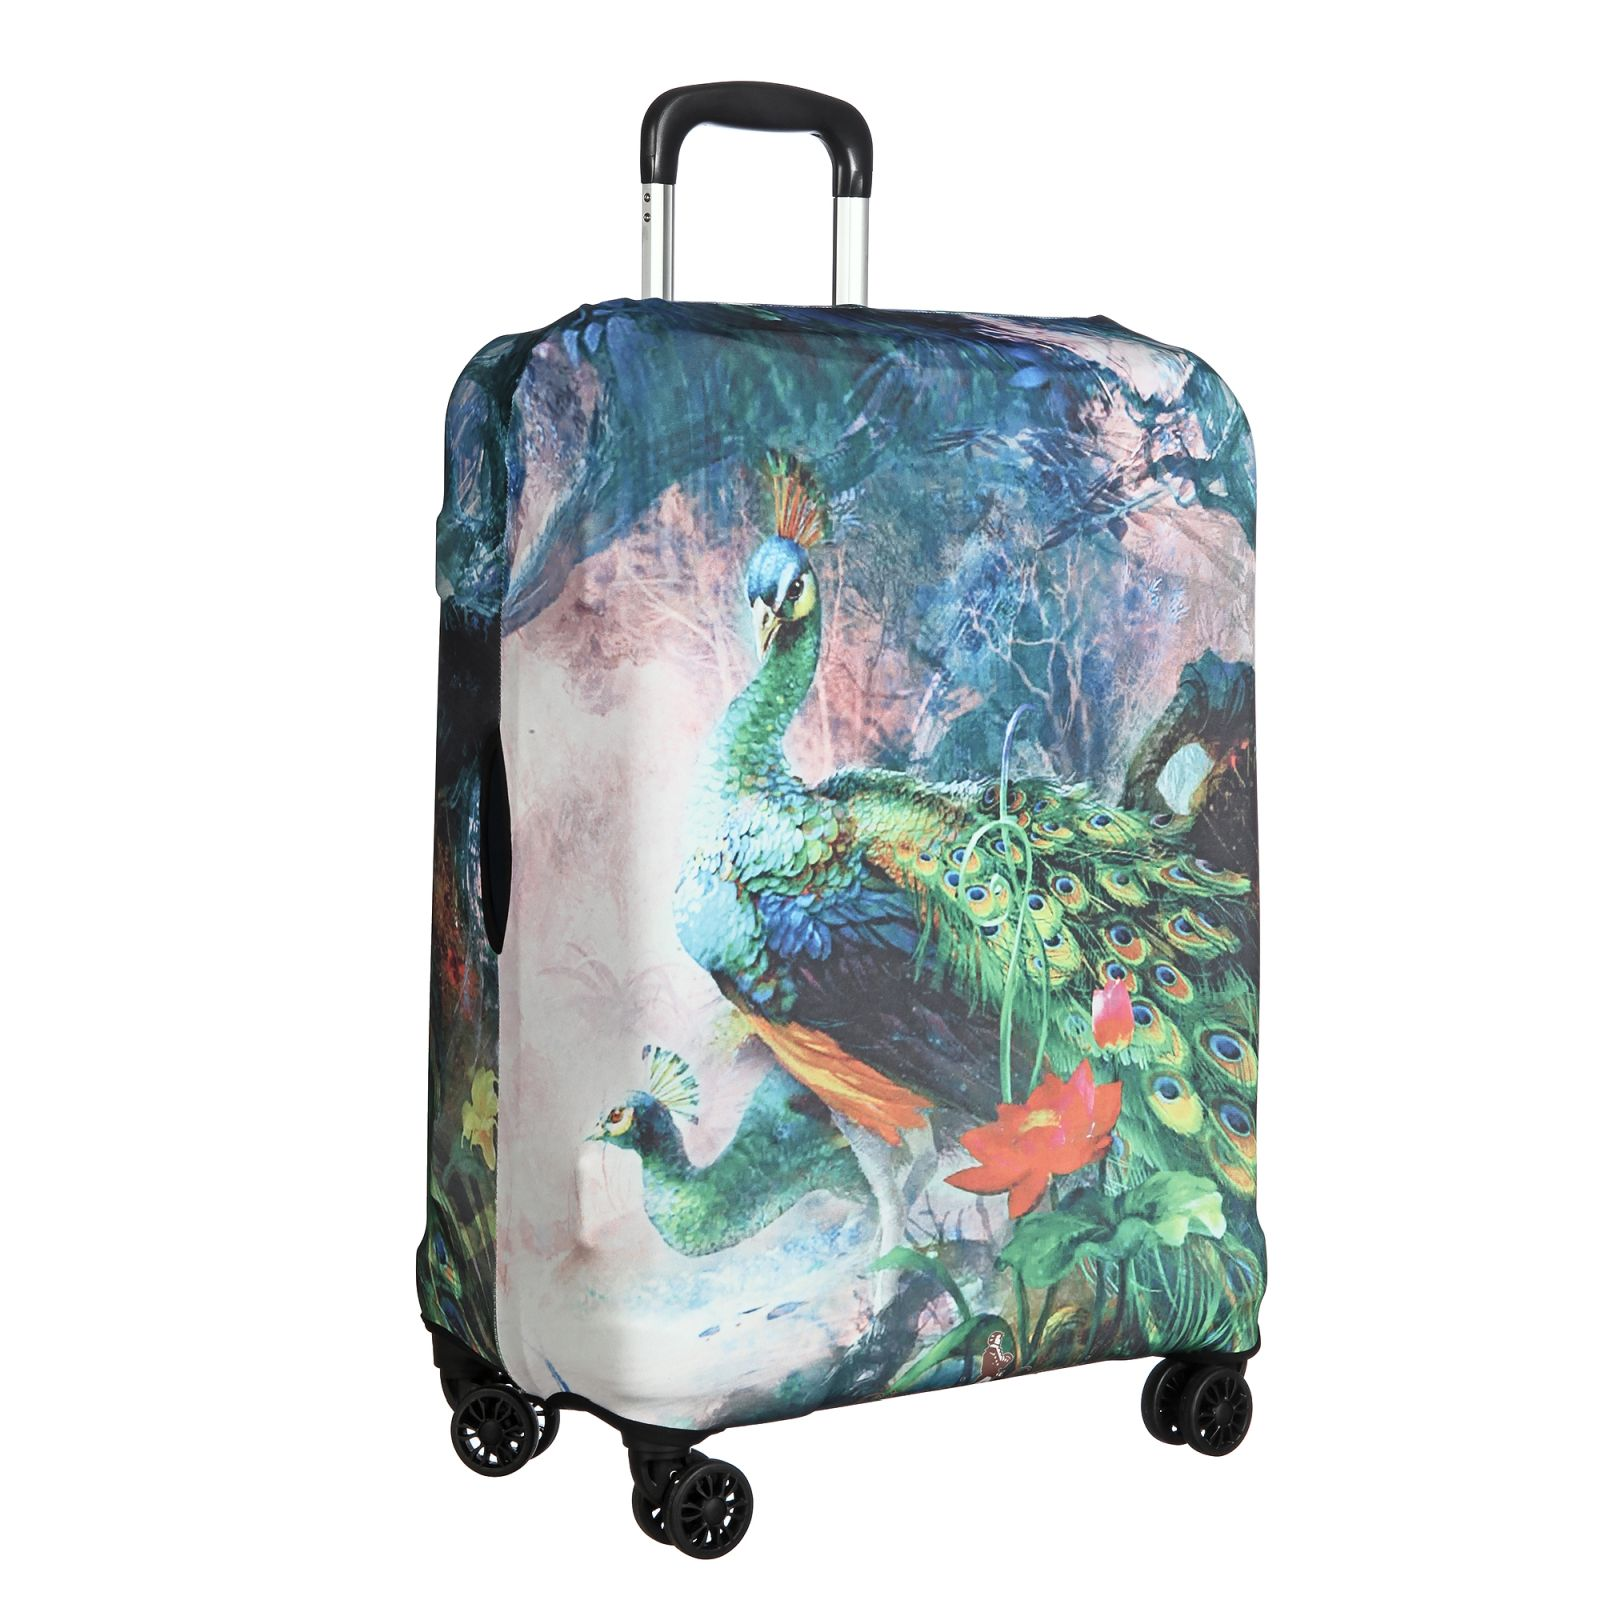 Защитное покрытие для чемодана Gianni Conti 9051 L.